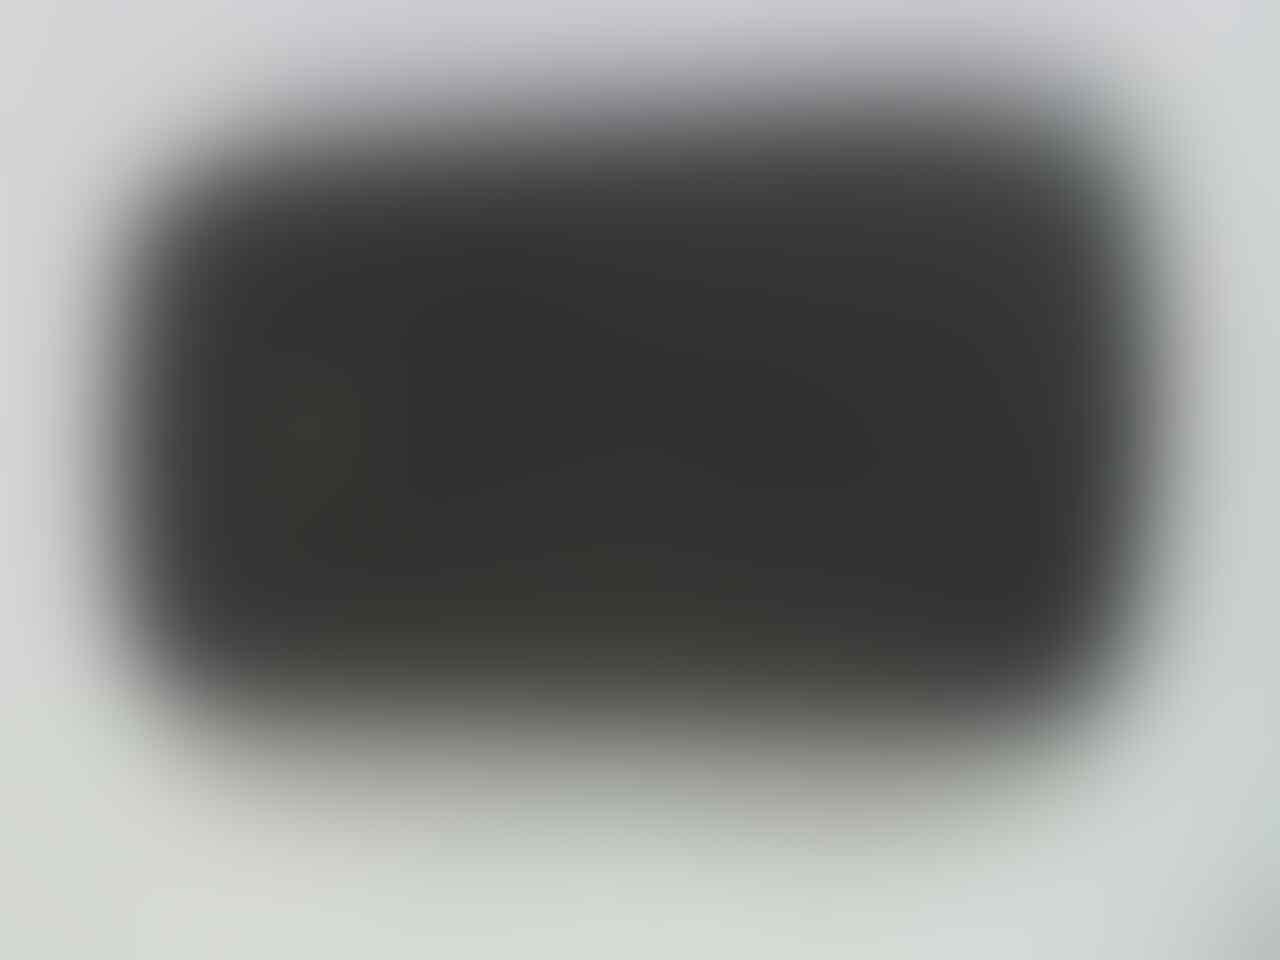 Blackberry Curve 9300 - 3G - GSM - Kepler - Malang